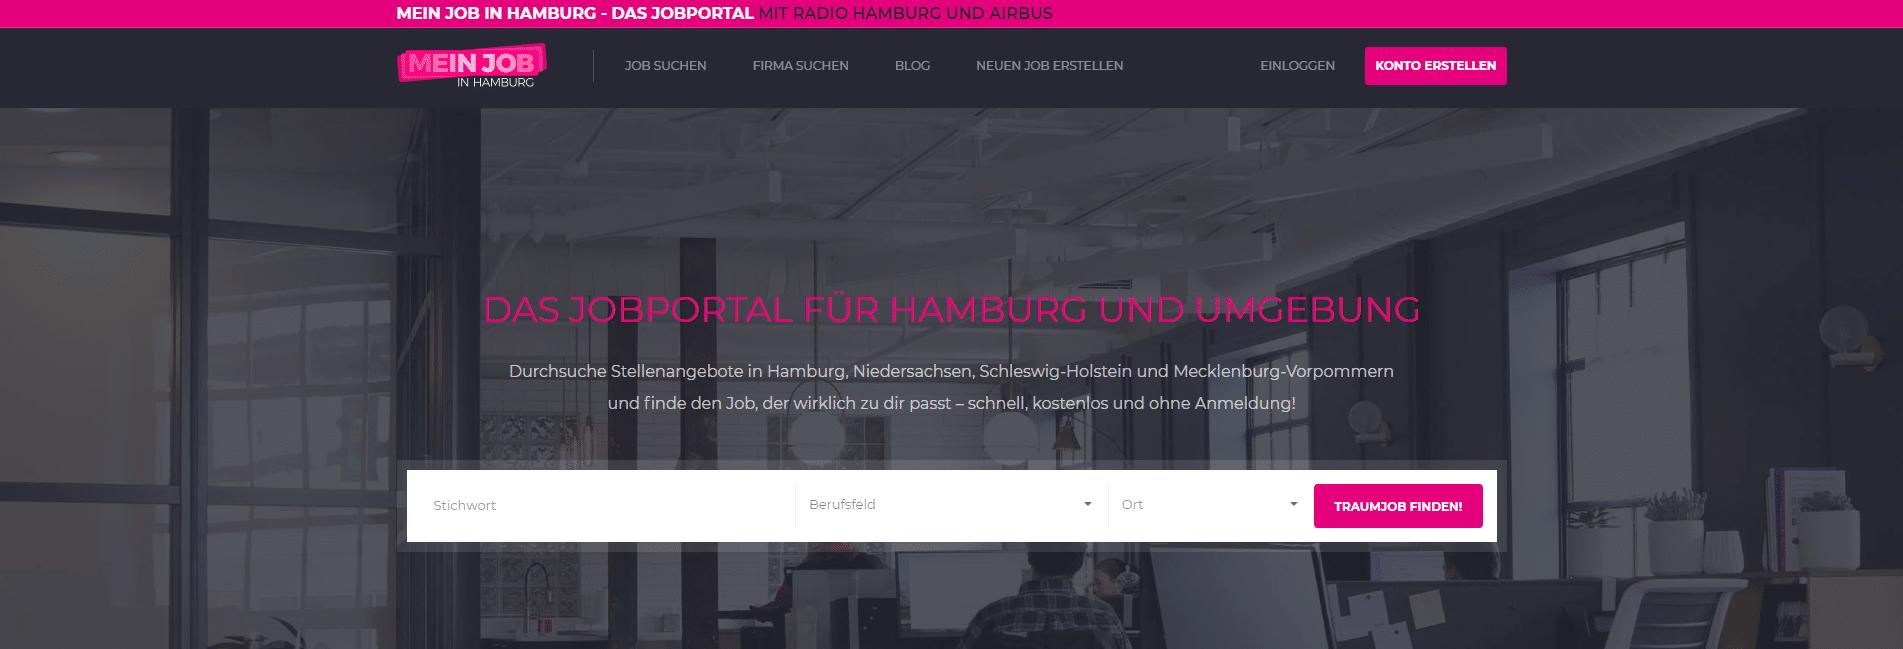 MeinJobInHamburg.de